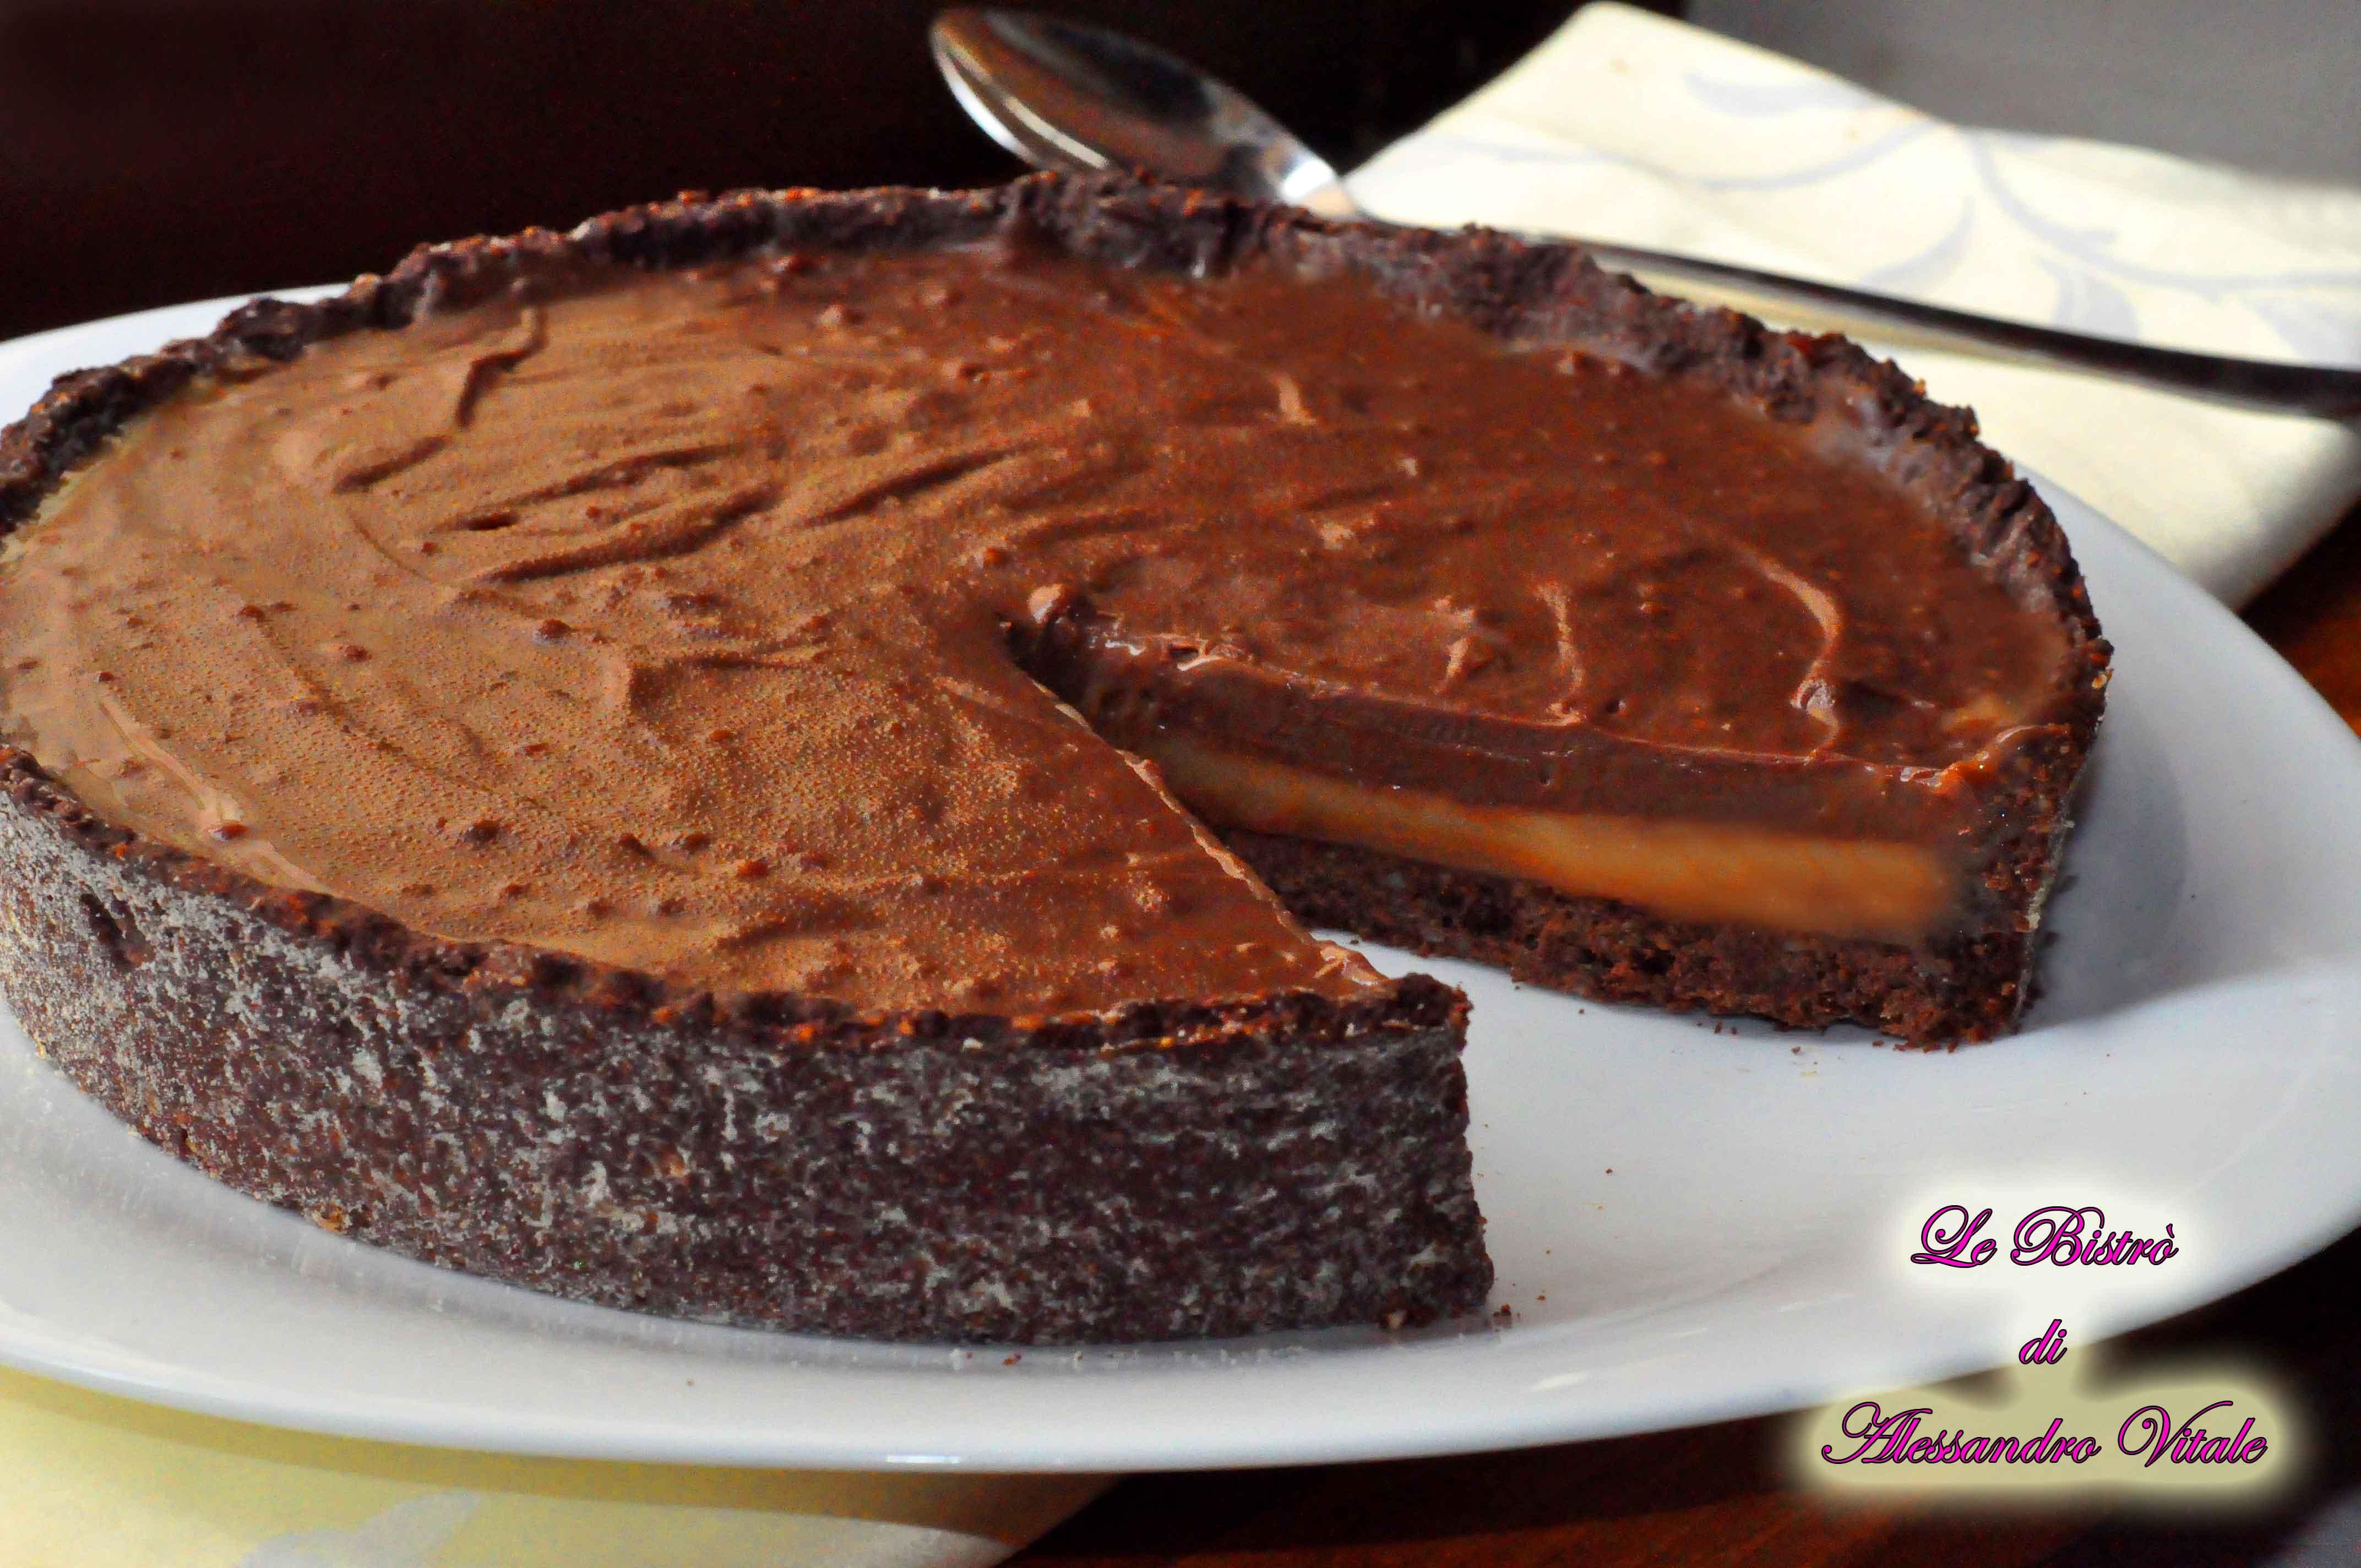 Torta con noci e cioccolato al latte